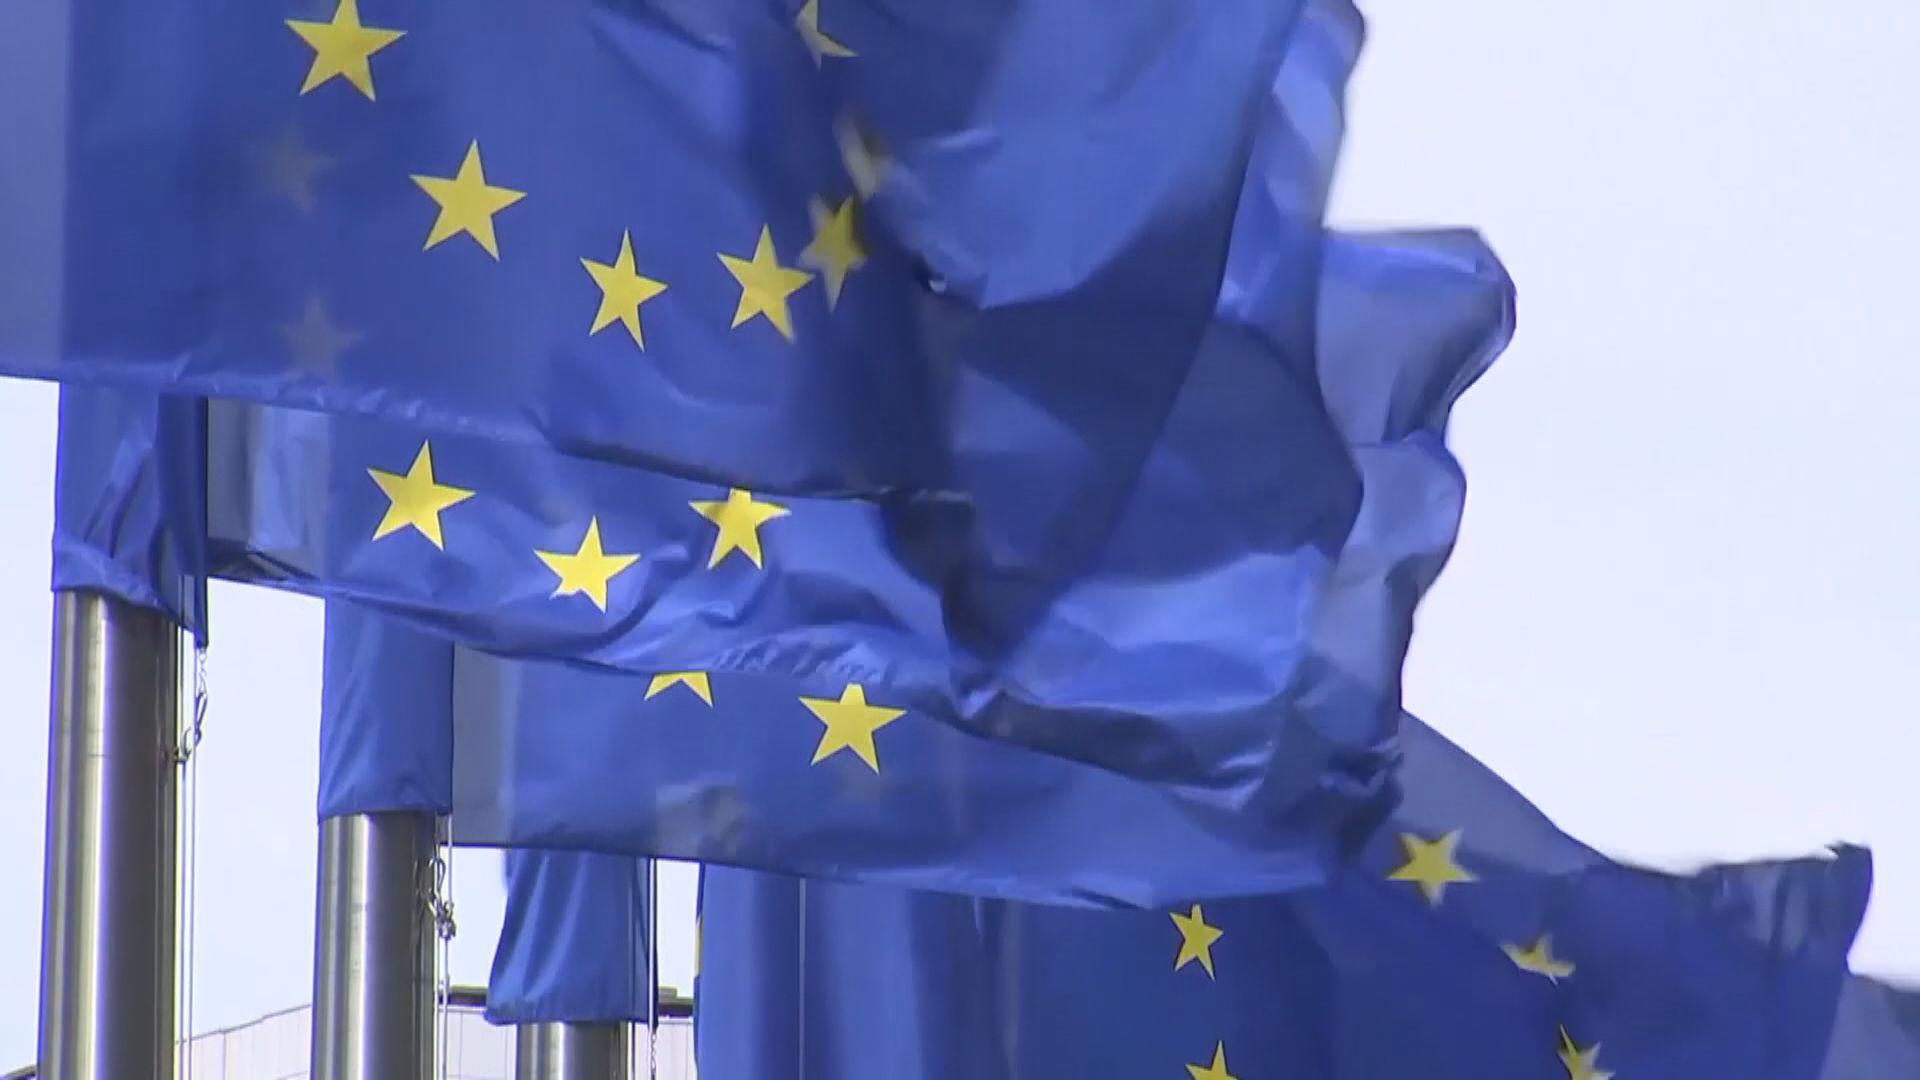 歐盟質疑港區國安法違反基本法